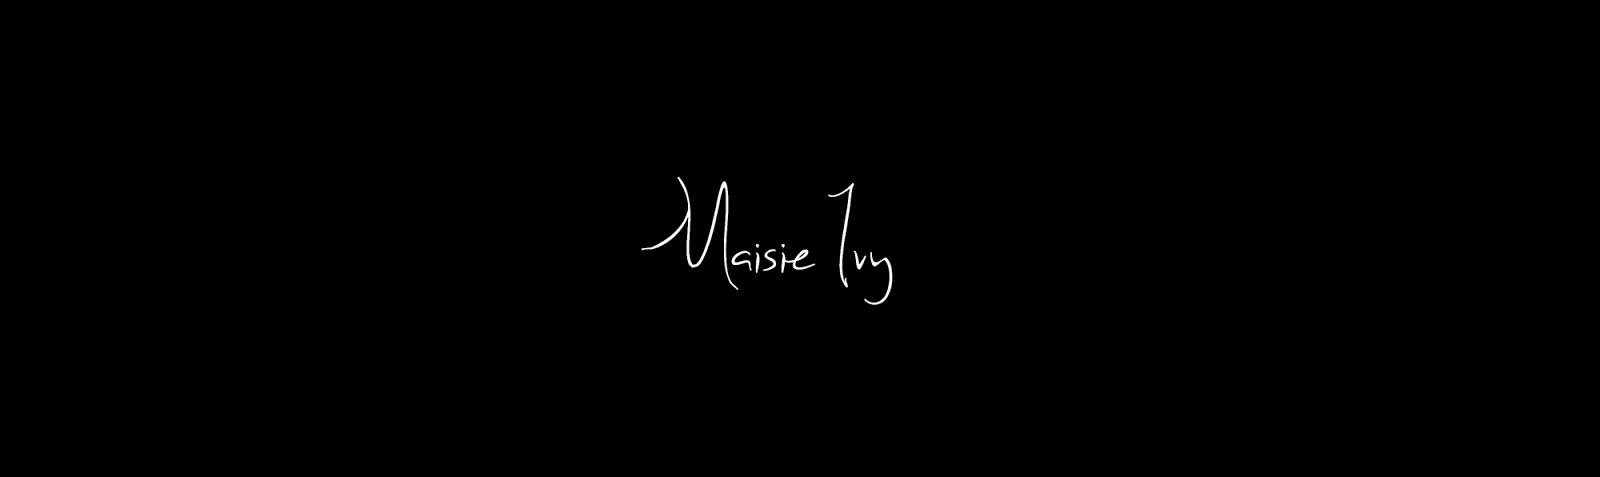 Maisie Ivy